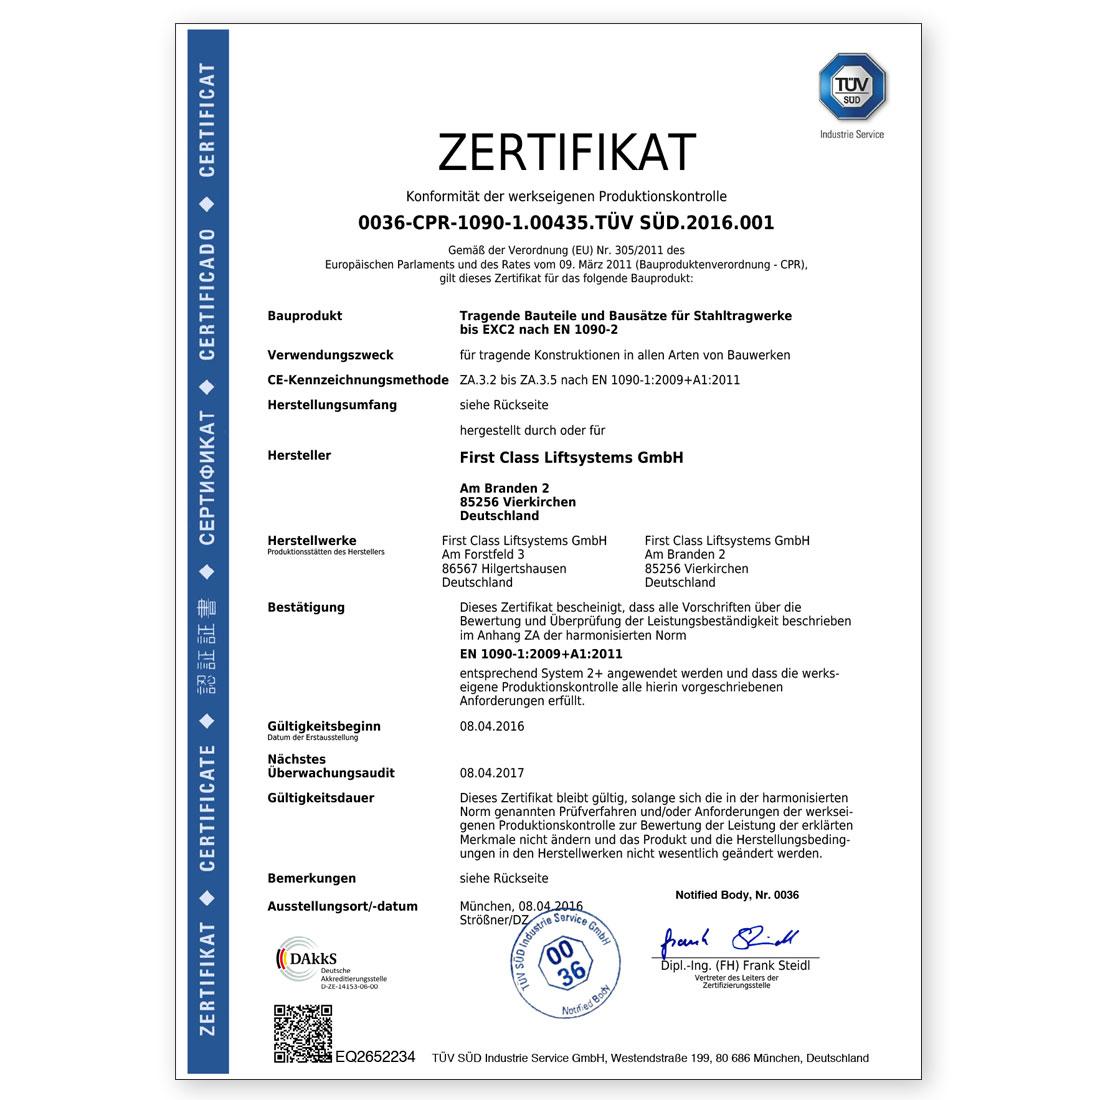 Konformitäts-Zertifikat